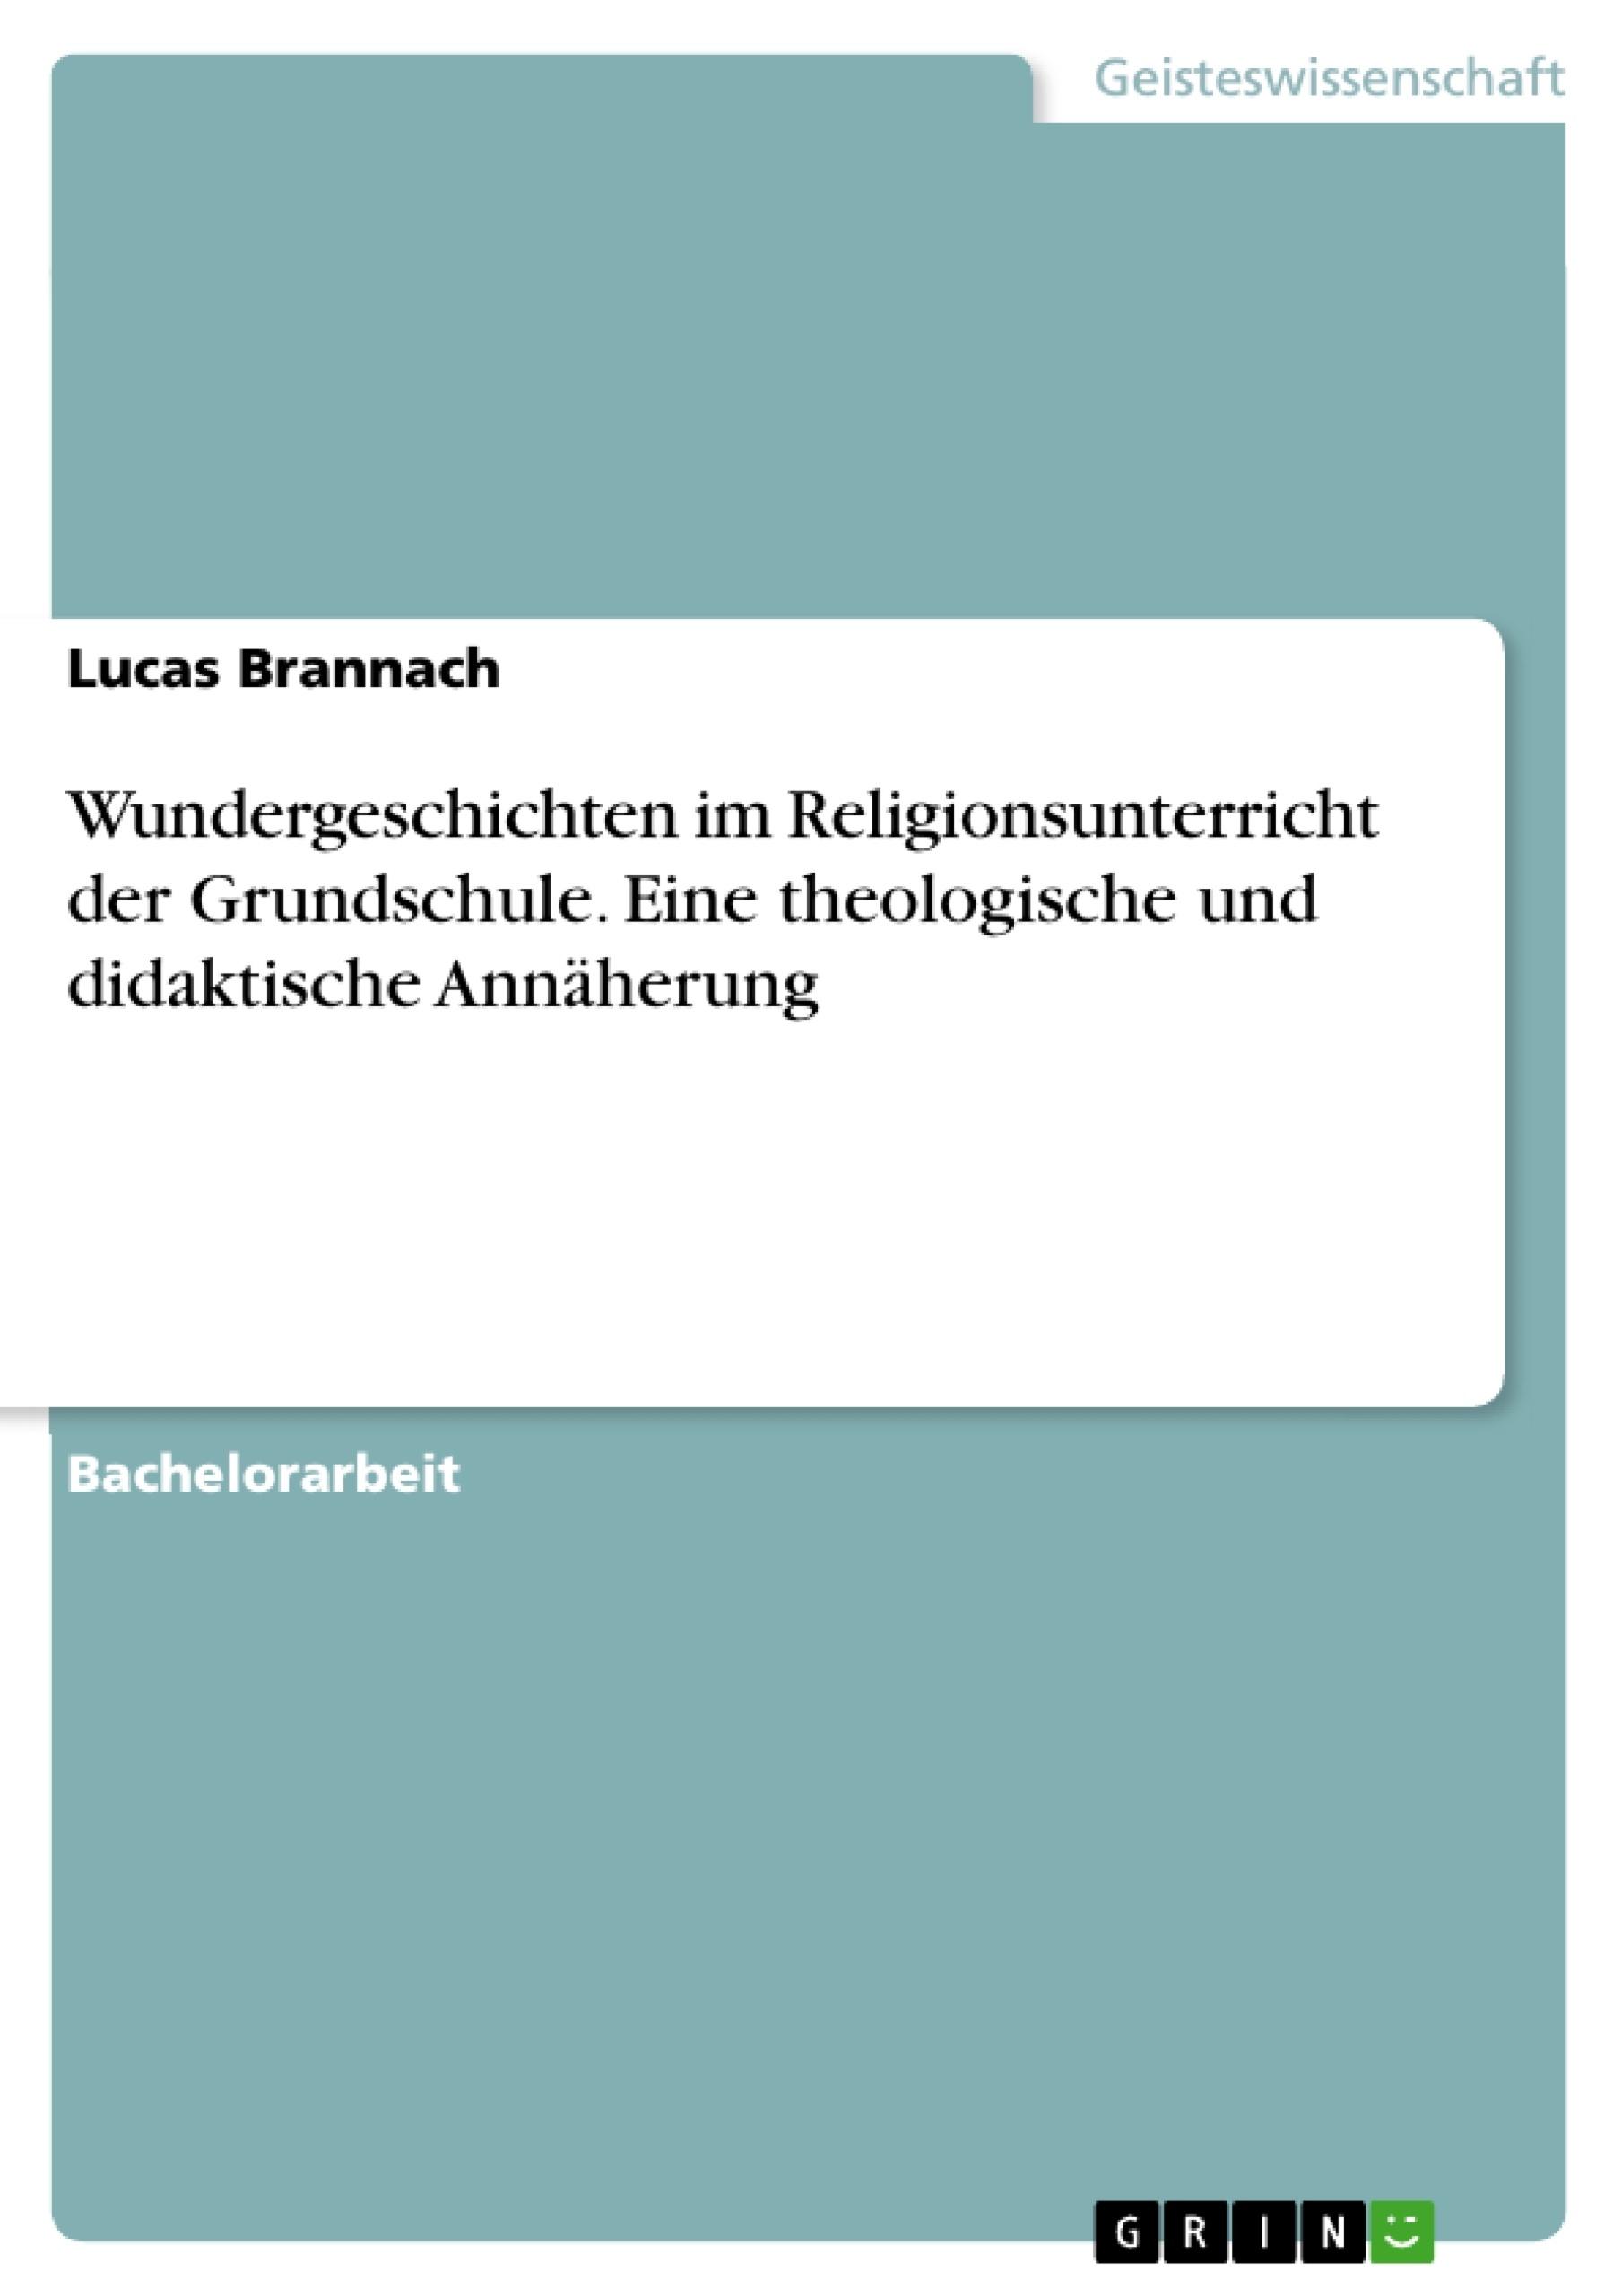 Titel: Wundergeschichten im Religionsunterricht der Grundschule. Eine theologische und didaktische Annäherung